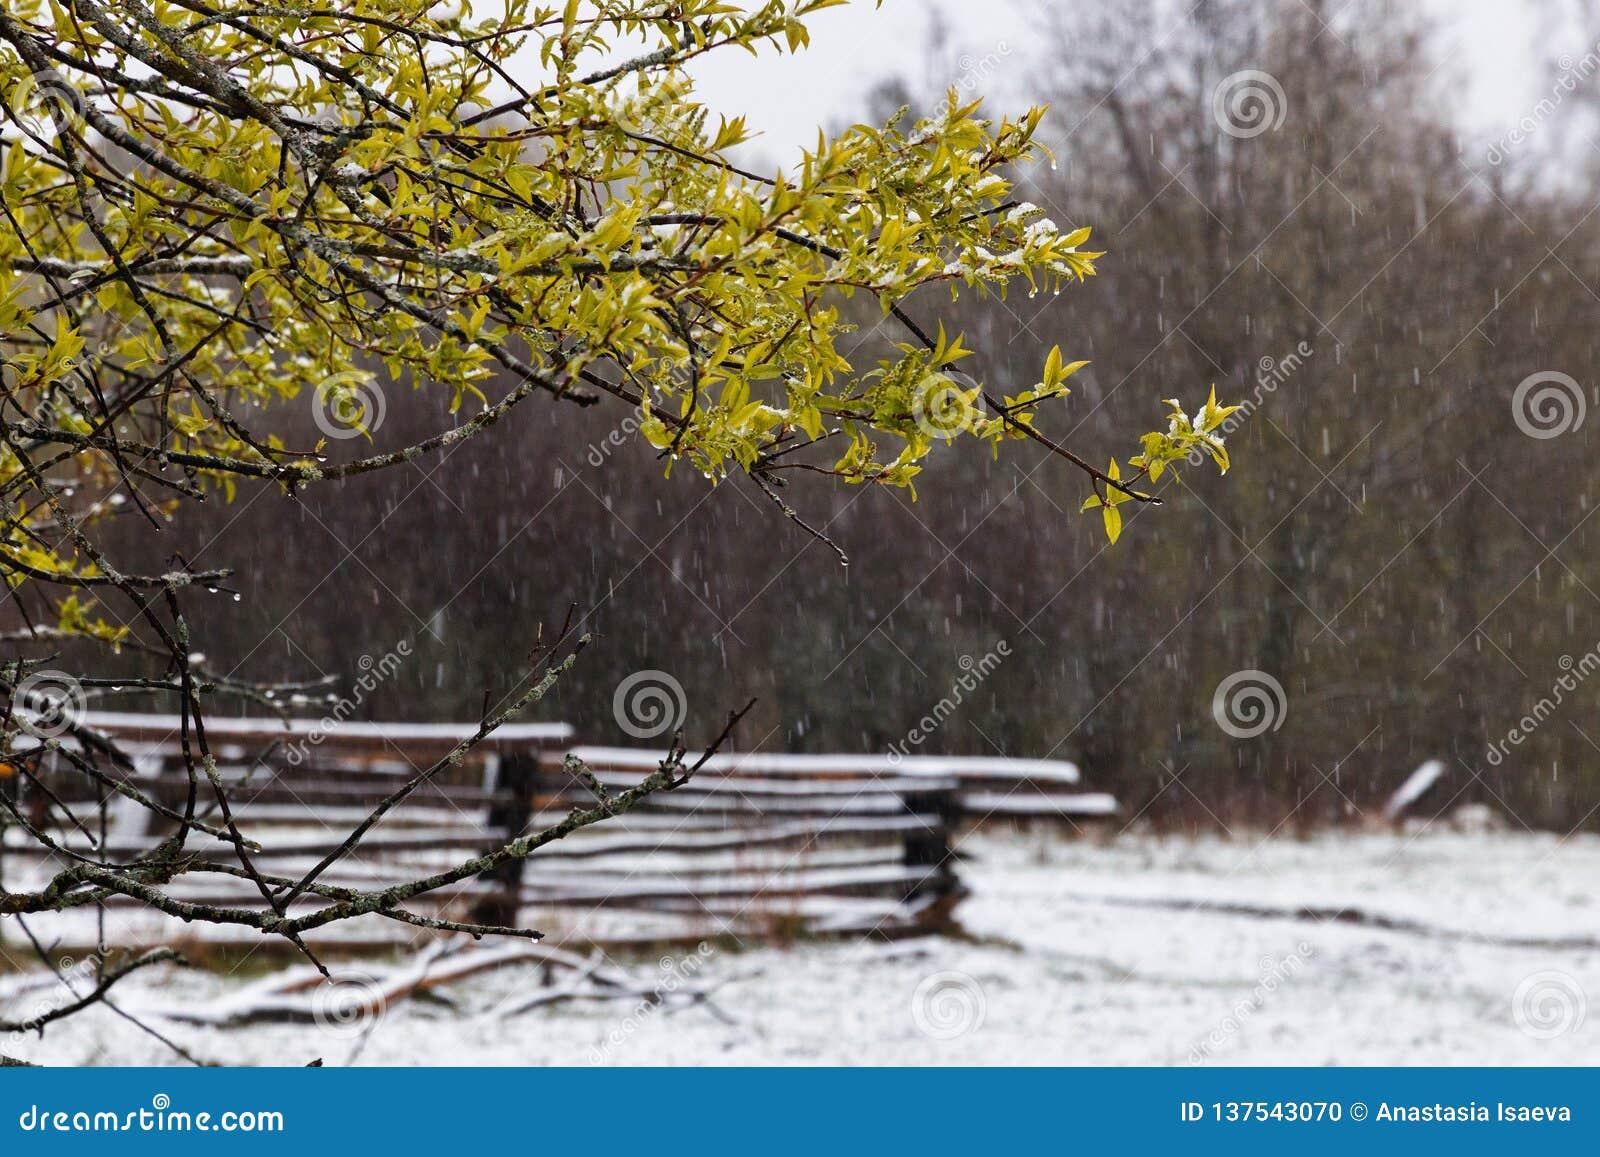 Regenachtige sneeuw en vogelboombloesem in de lente